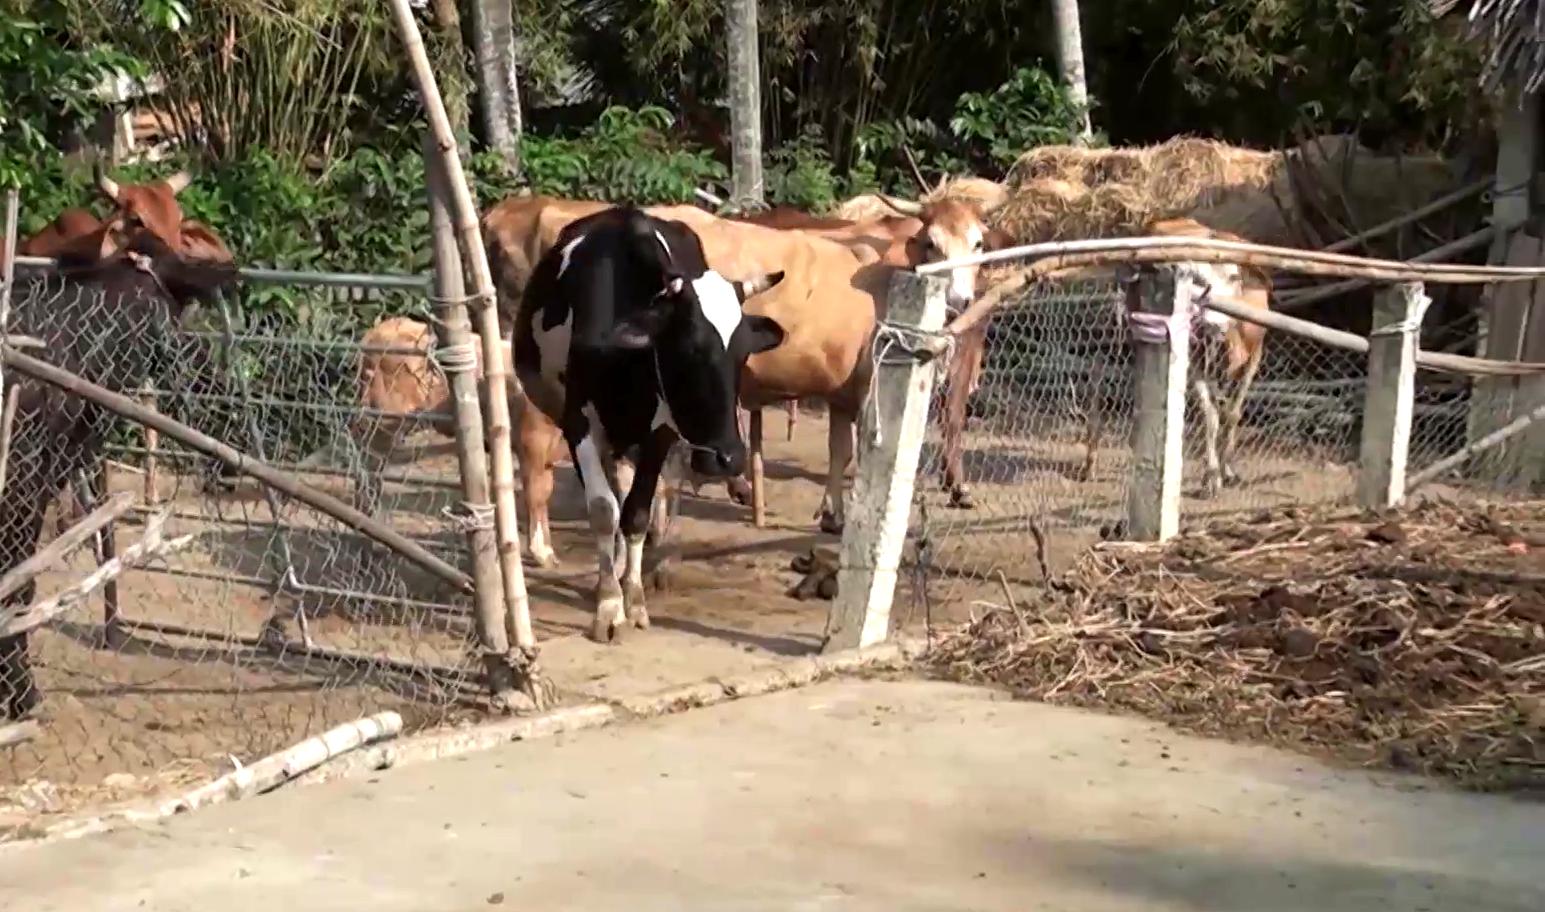 """Tiền Giang: """"Độc chiêu"""" nuôi bò, ông nông dân từ nghèo khó trở thành giàu có, được Thủ tướng khen - Ảnh 2."""